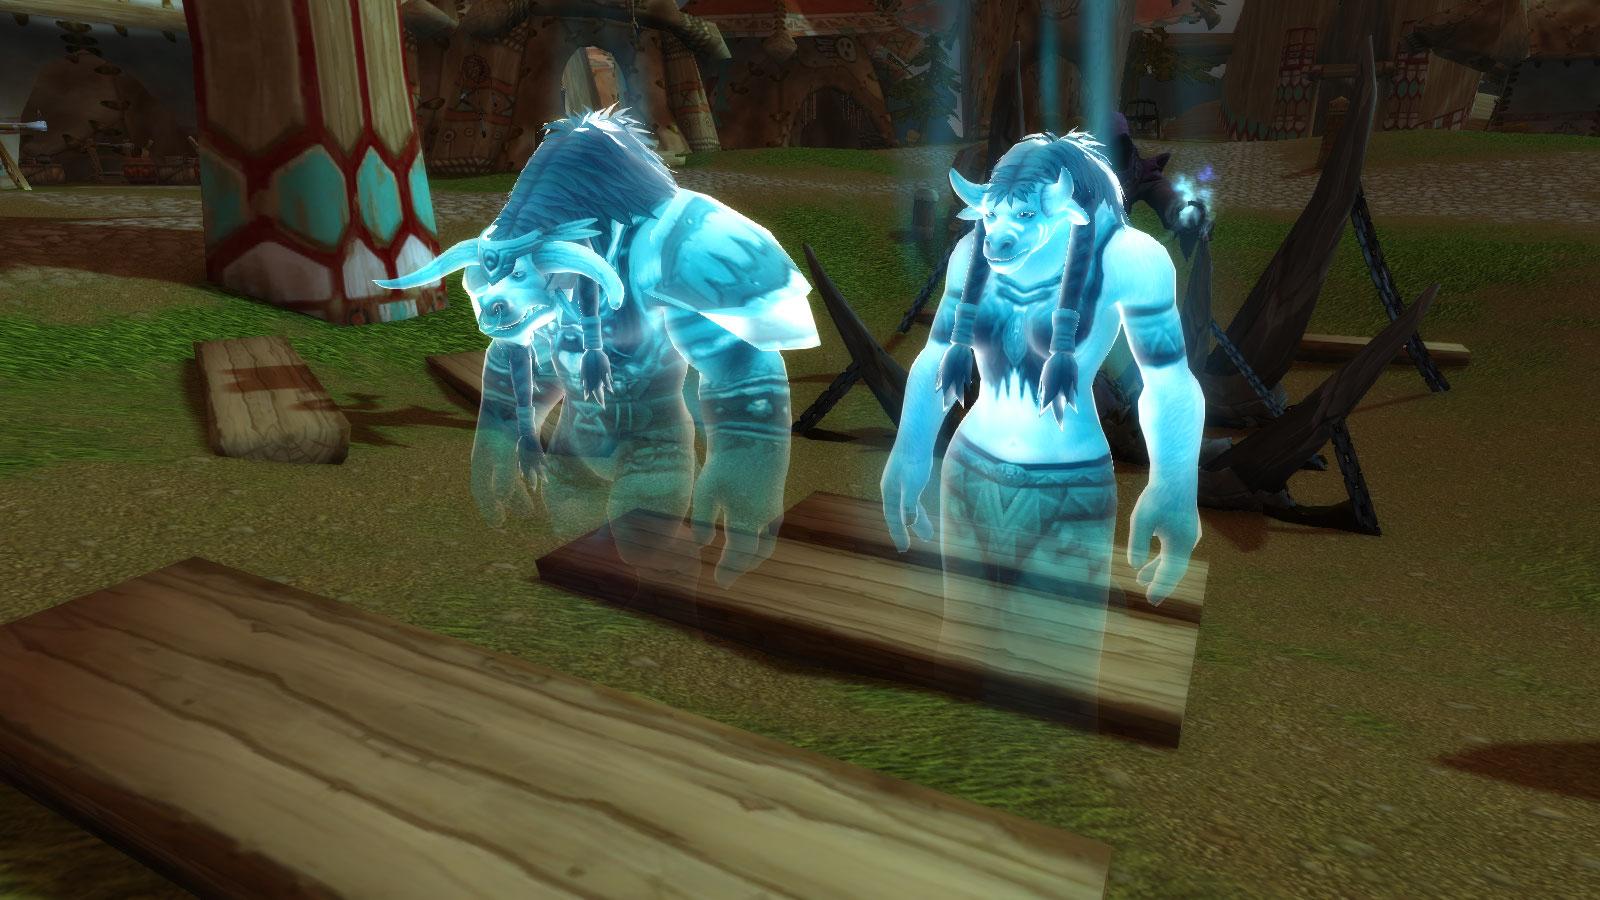 Les esprits de Cairne Sabot-de-Sang et Tamalaa apparaissent afin de délivrer un message à leur fils